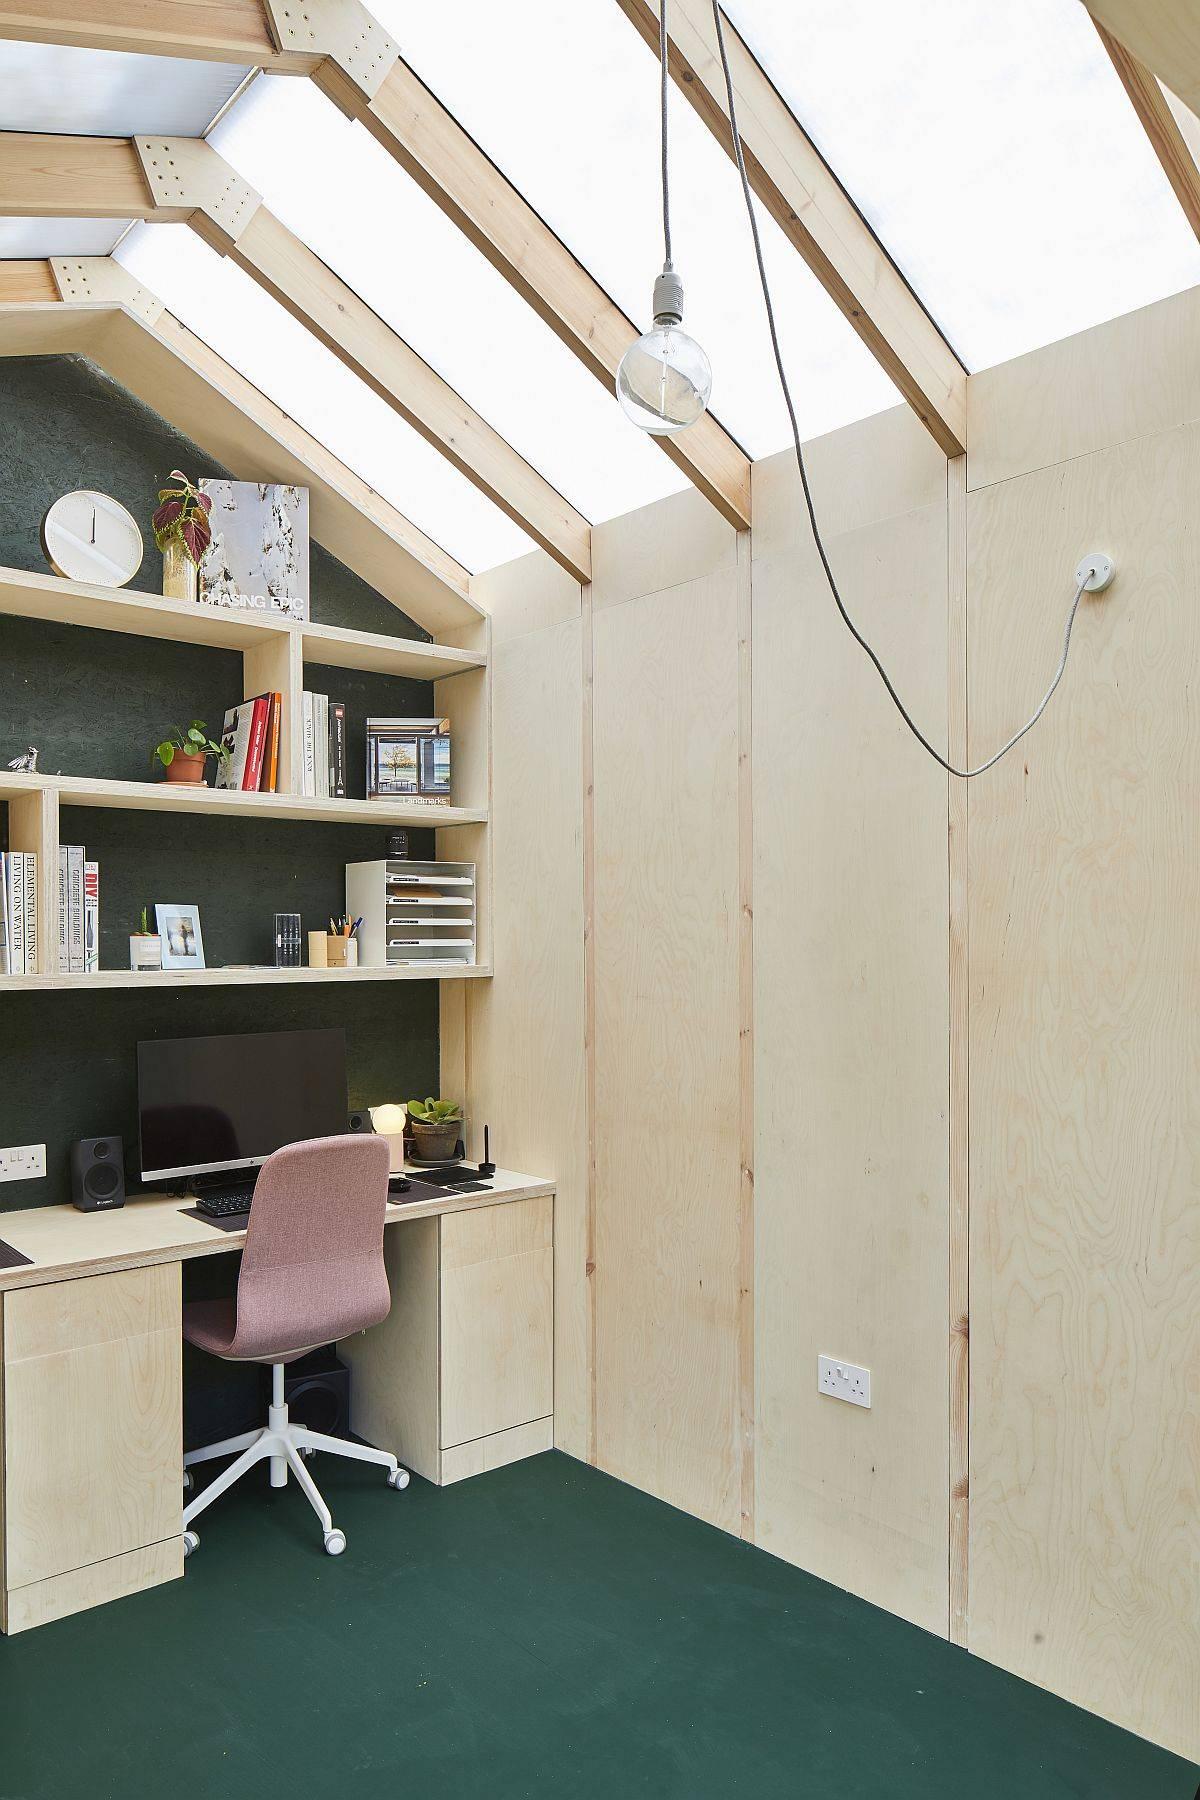 Panneaux-de-toit-en-polycarbonate-diffusion-intelligents-pour-le-bureau-maison-moderne-rempli-de-lumière-25055